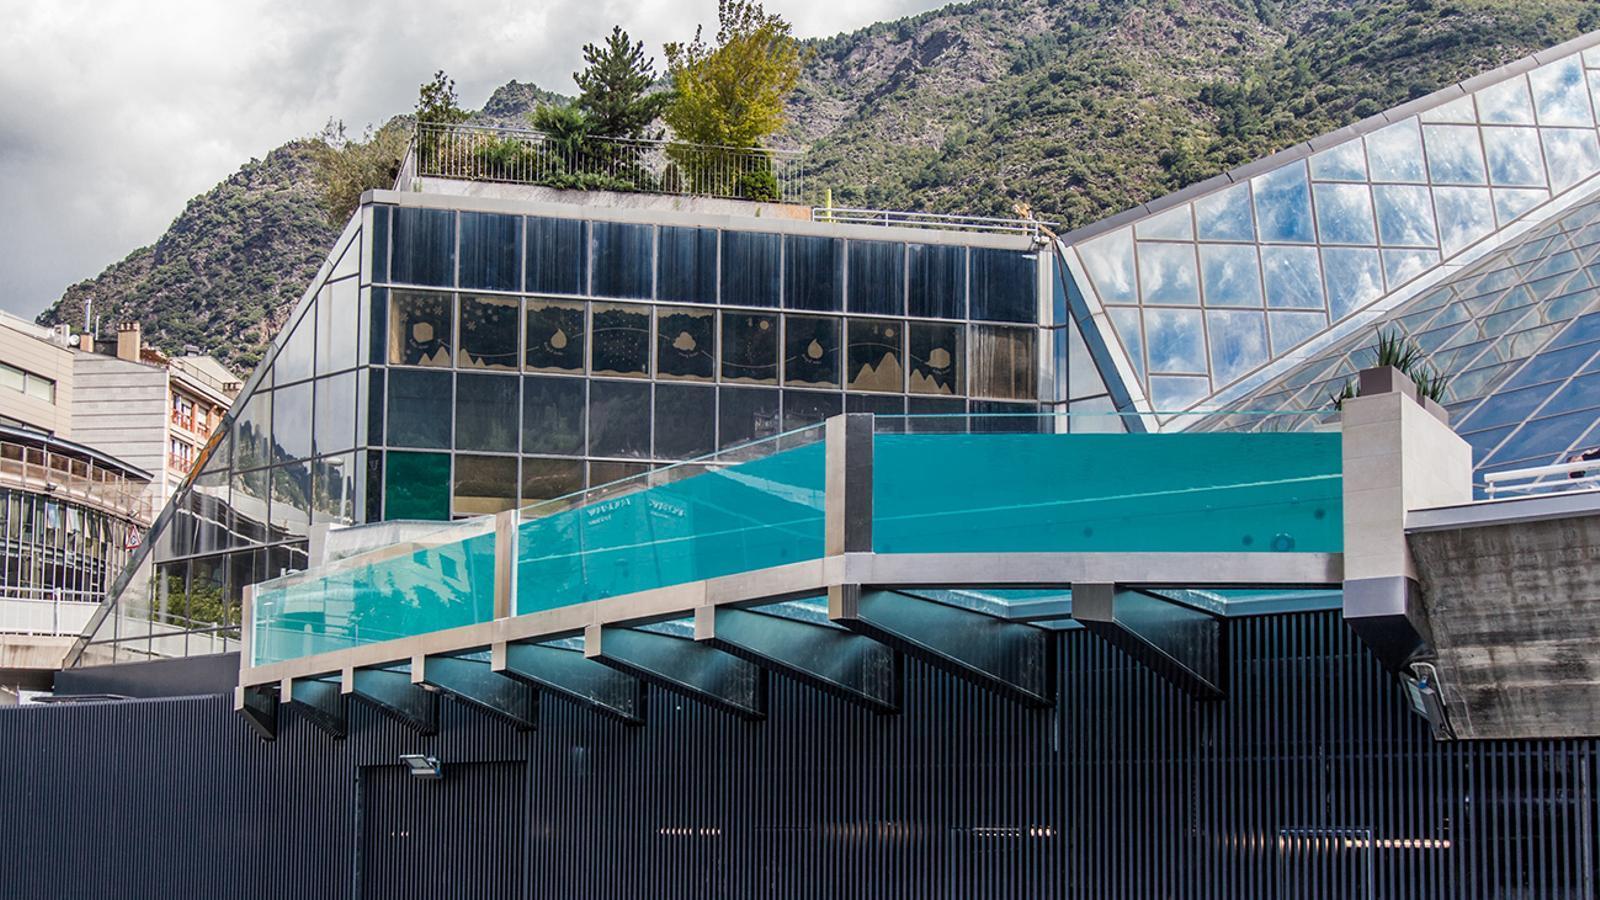 La nova piscina panoràmica, vista des de l'exterior del termolúdic. / CALDEA